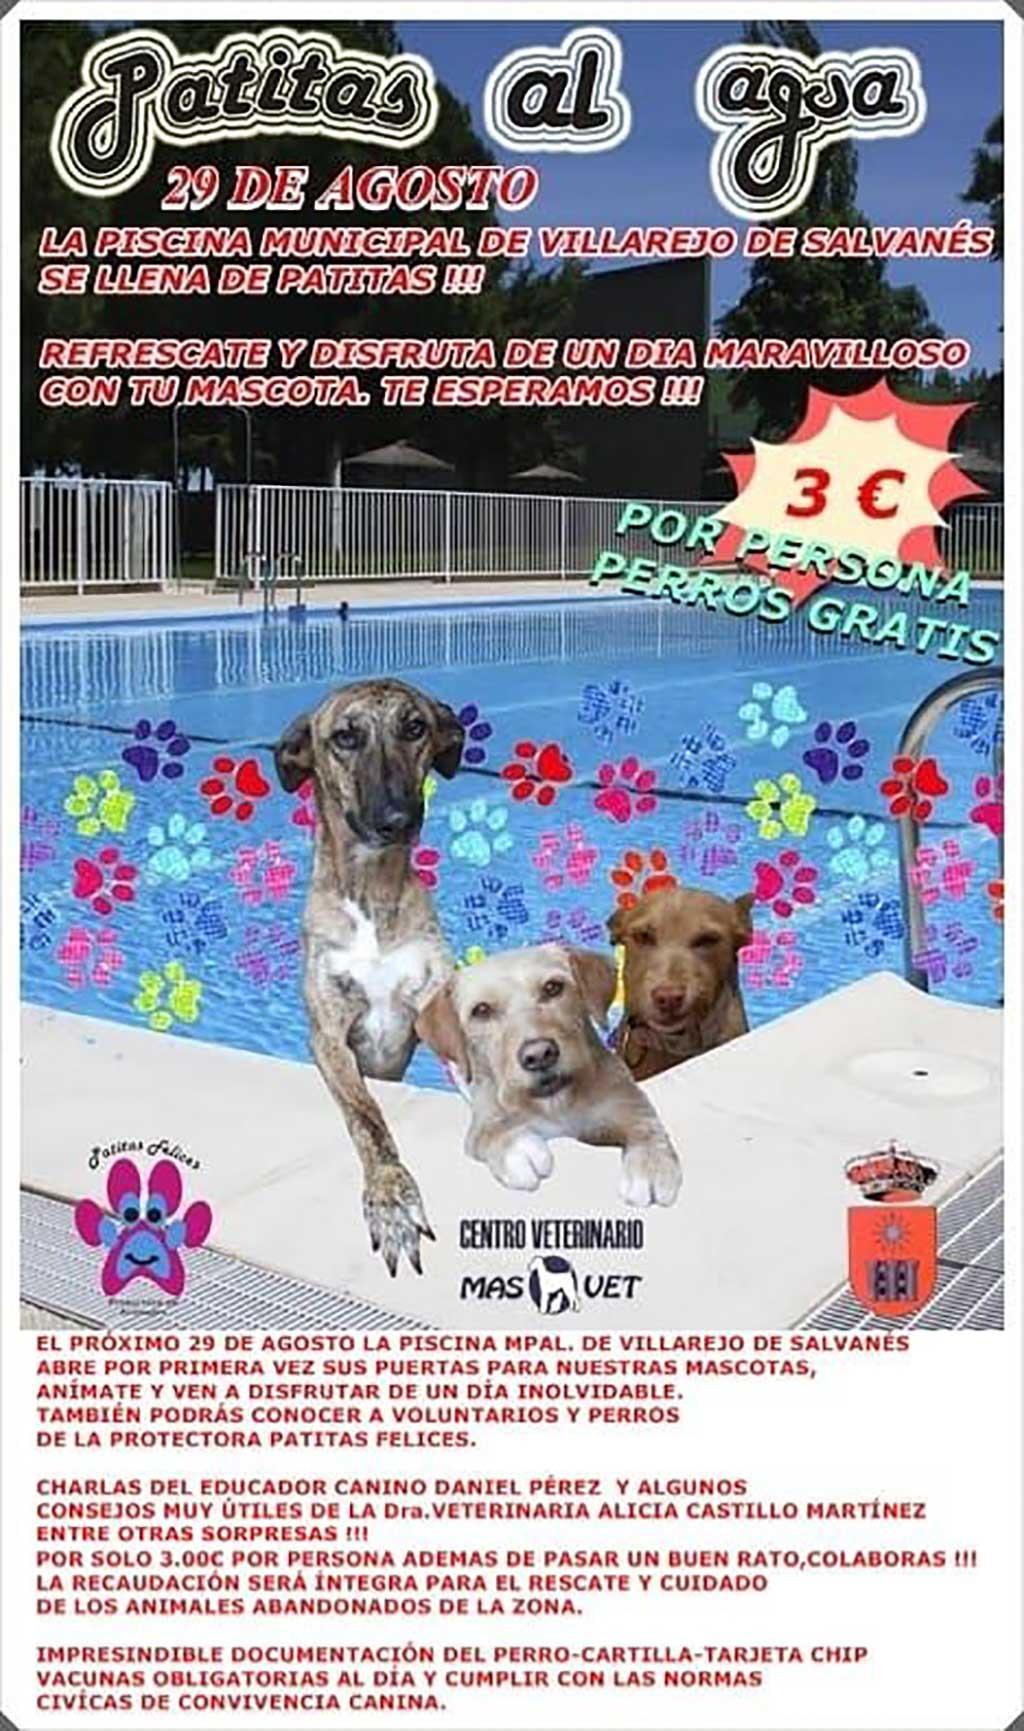 I edición de Patitas al Agua que se celebrará el próximo 29 de agosto en el municipio de Villarejo de Salvanés.